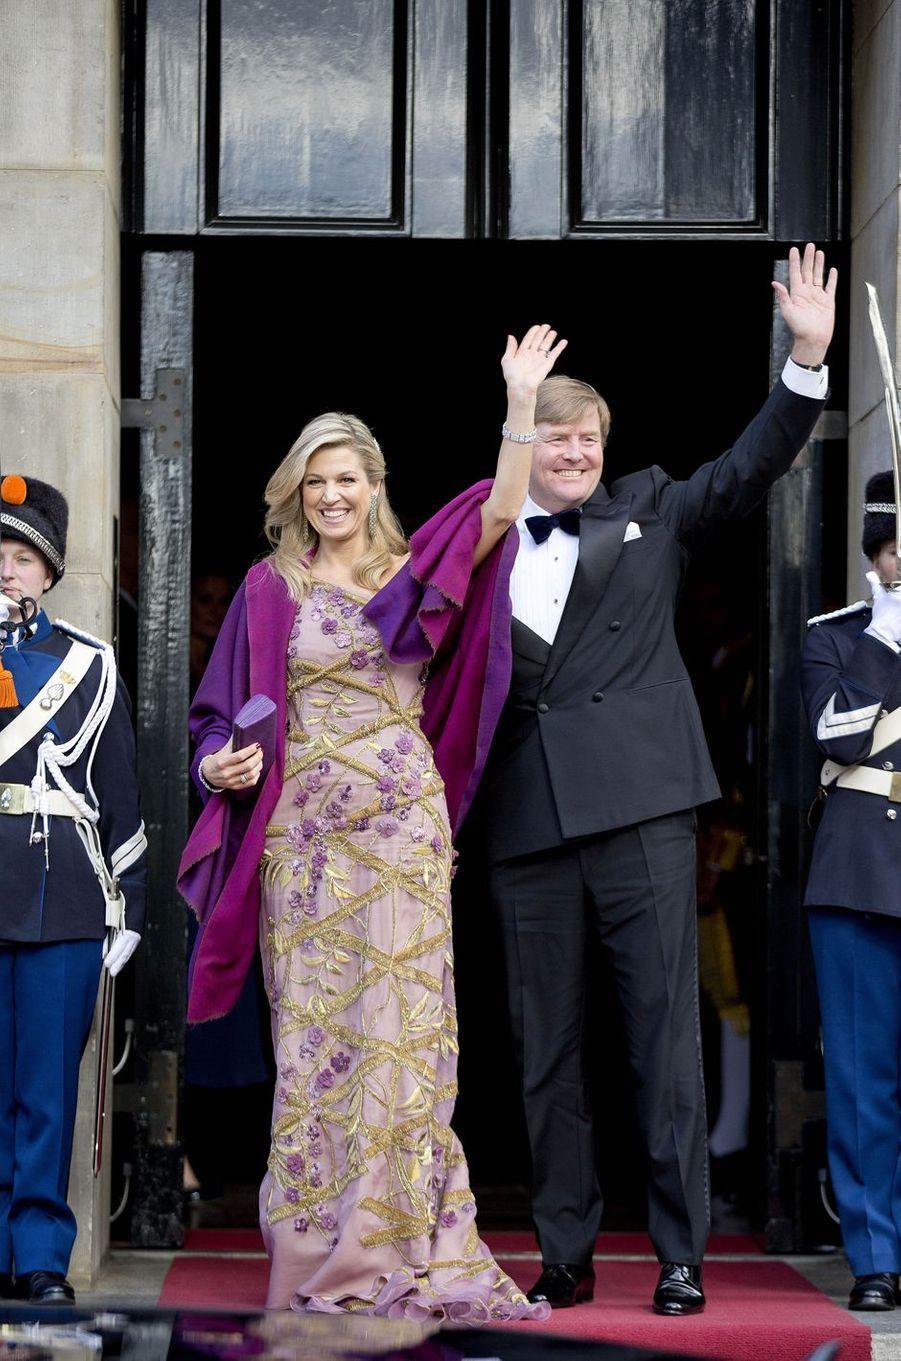 La reine Maxima des Pays-Bas avec le roi Willem-Alexander à Amsterdam, le 28 avril 2017